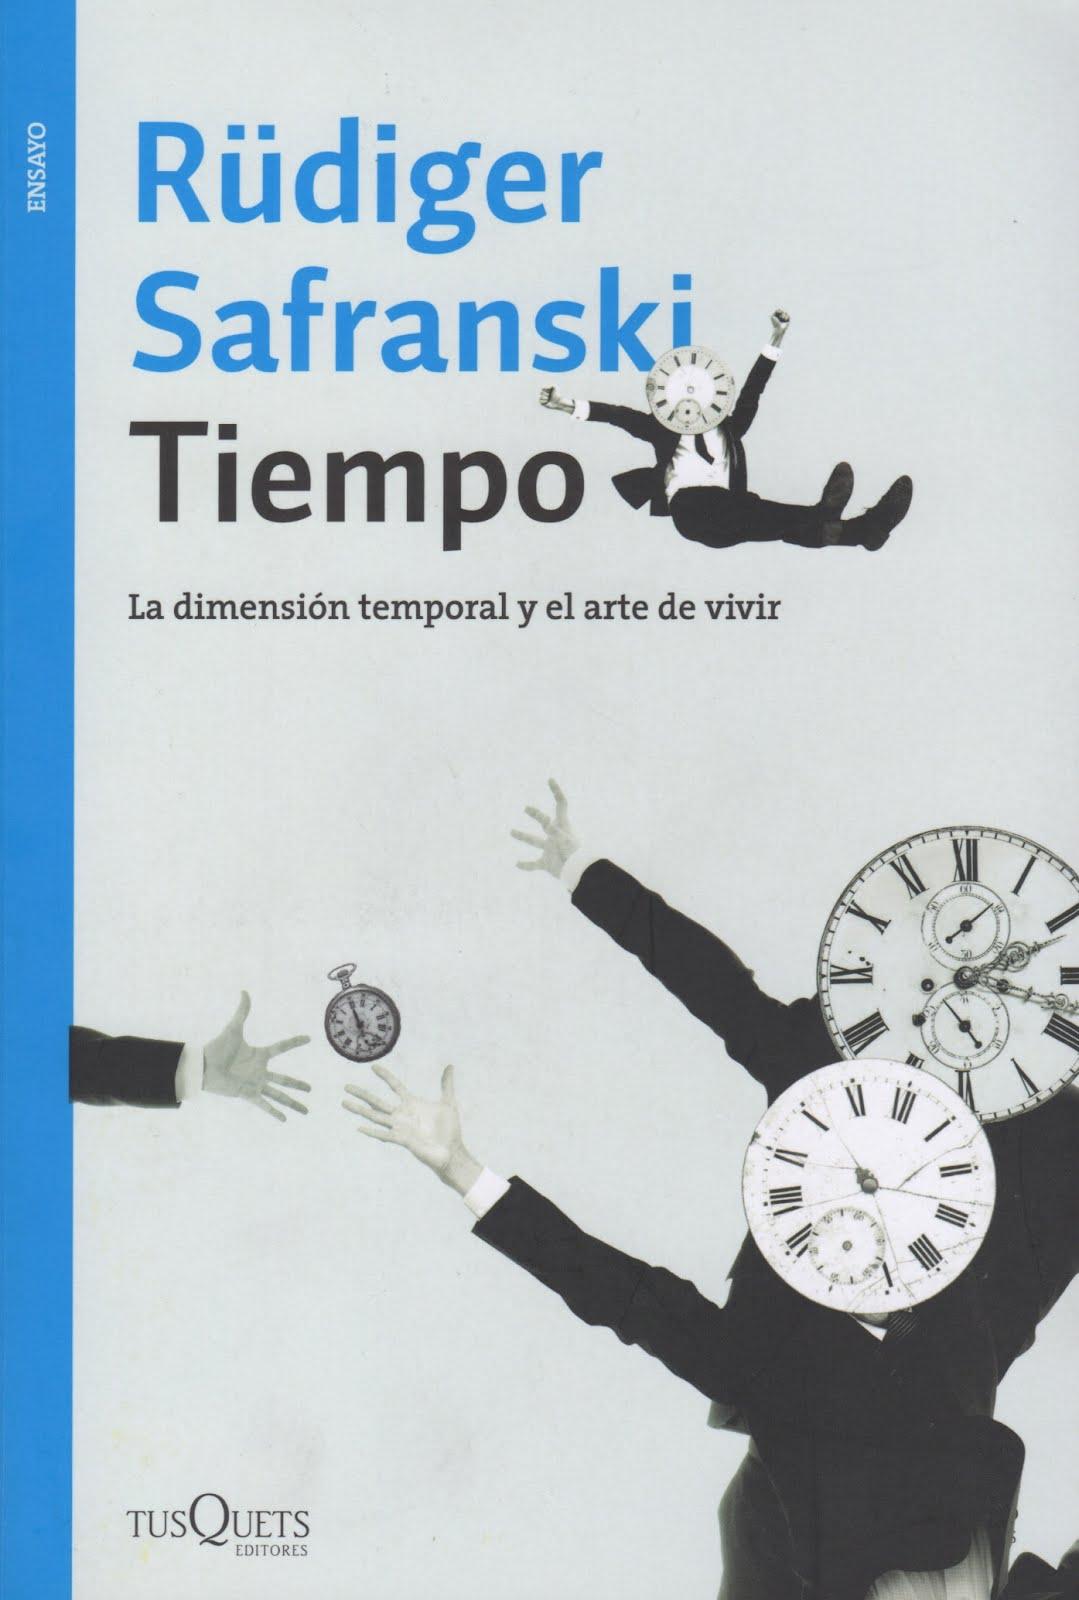 Rüdiger Safranski (Tiempo) La dimensión temporal y el arte de vivir